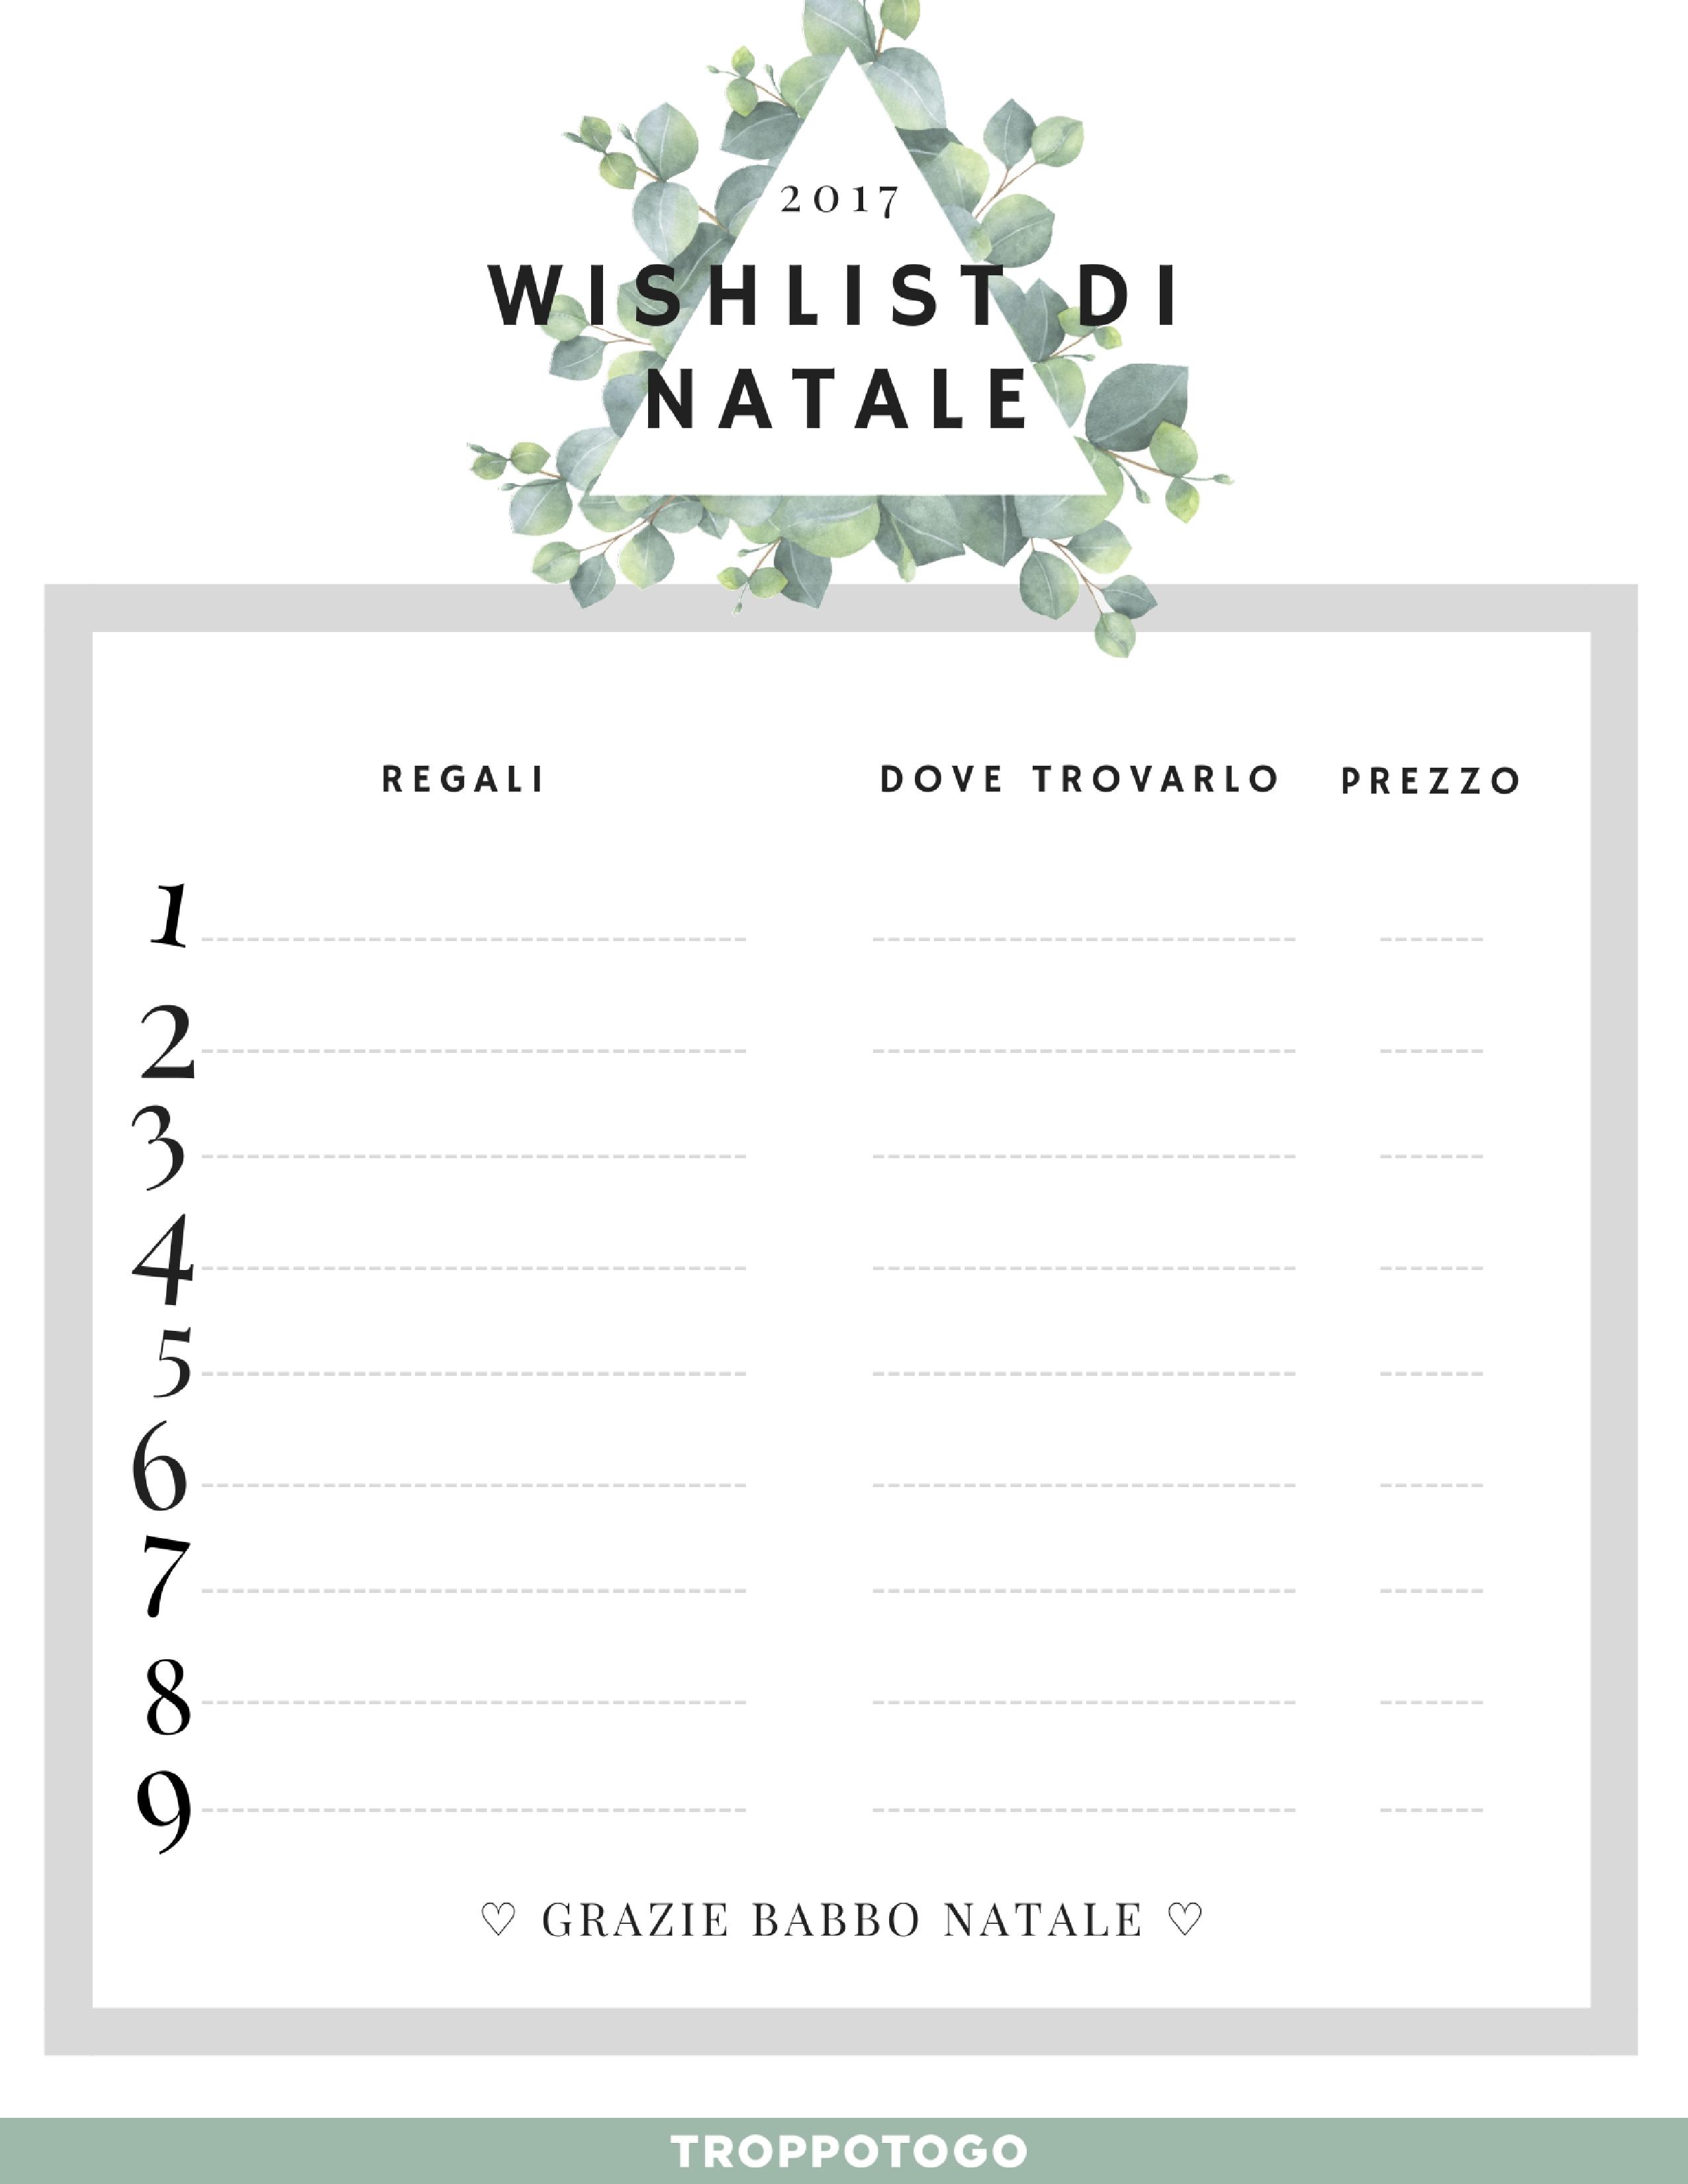 Lista Regali Natale.La Tua Personale Wishlist Per I Regali Di Natale Su Troppotogo